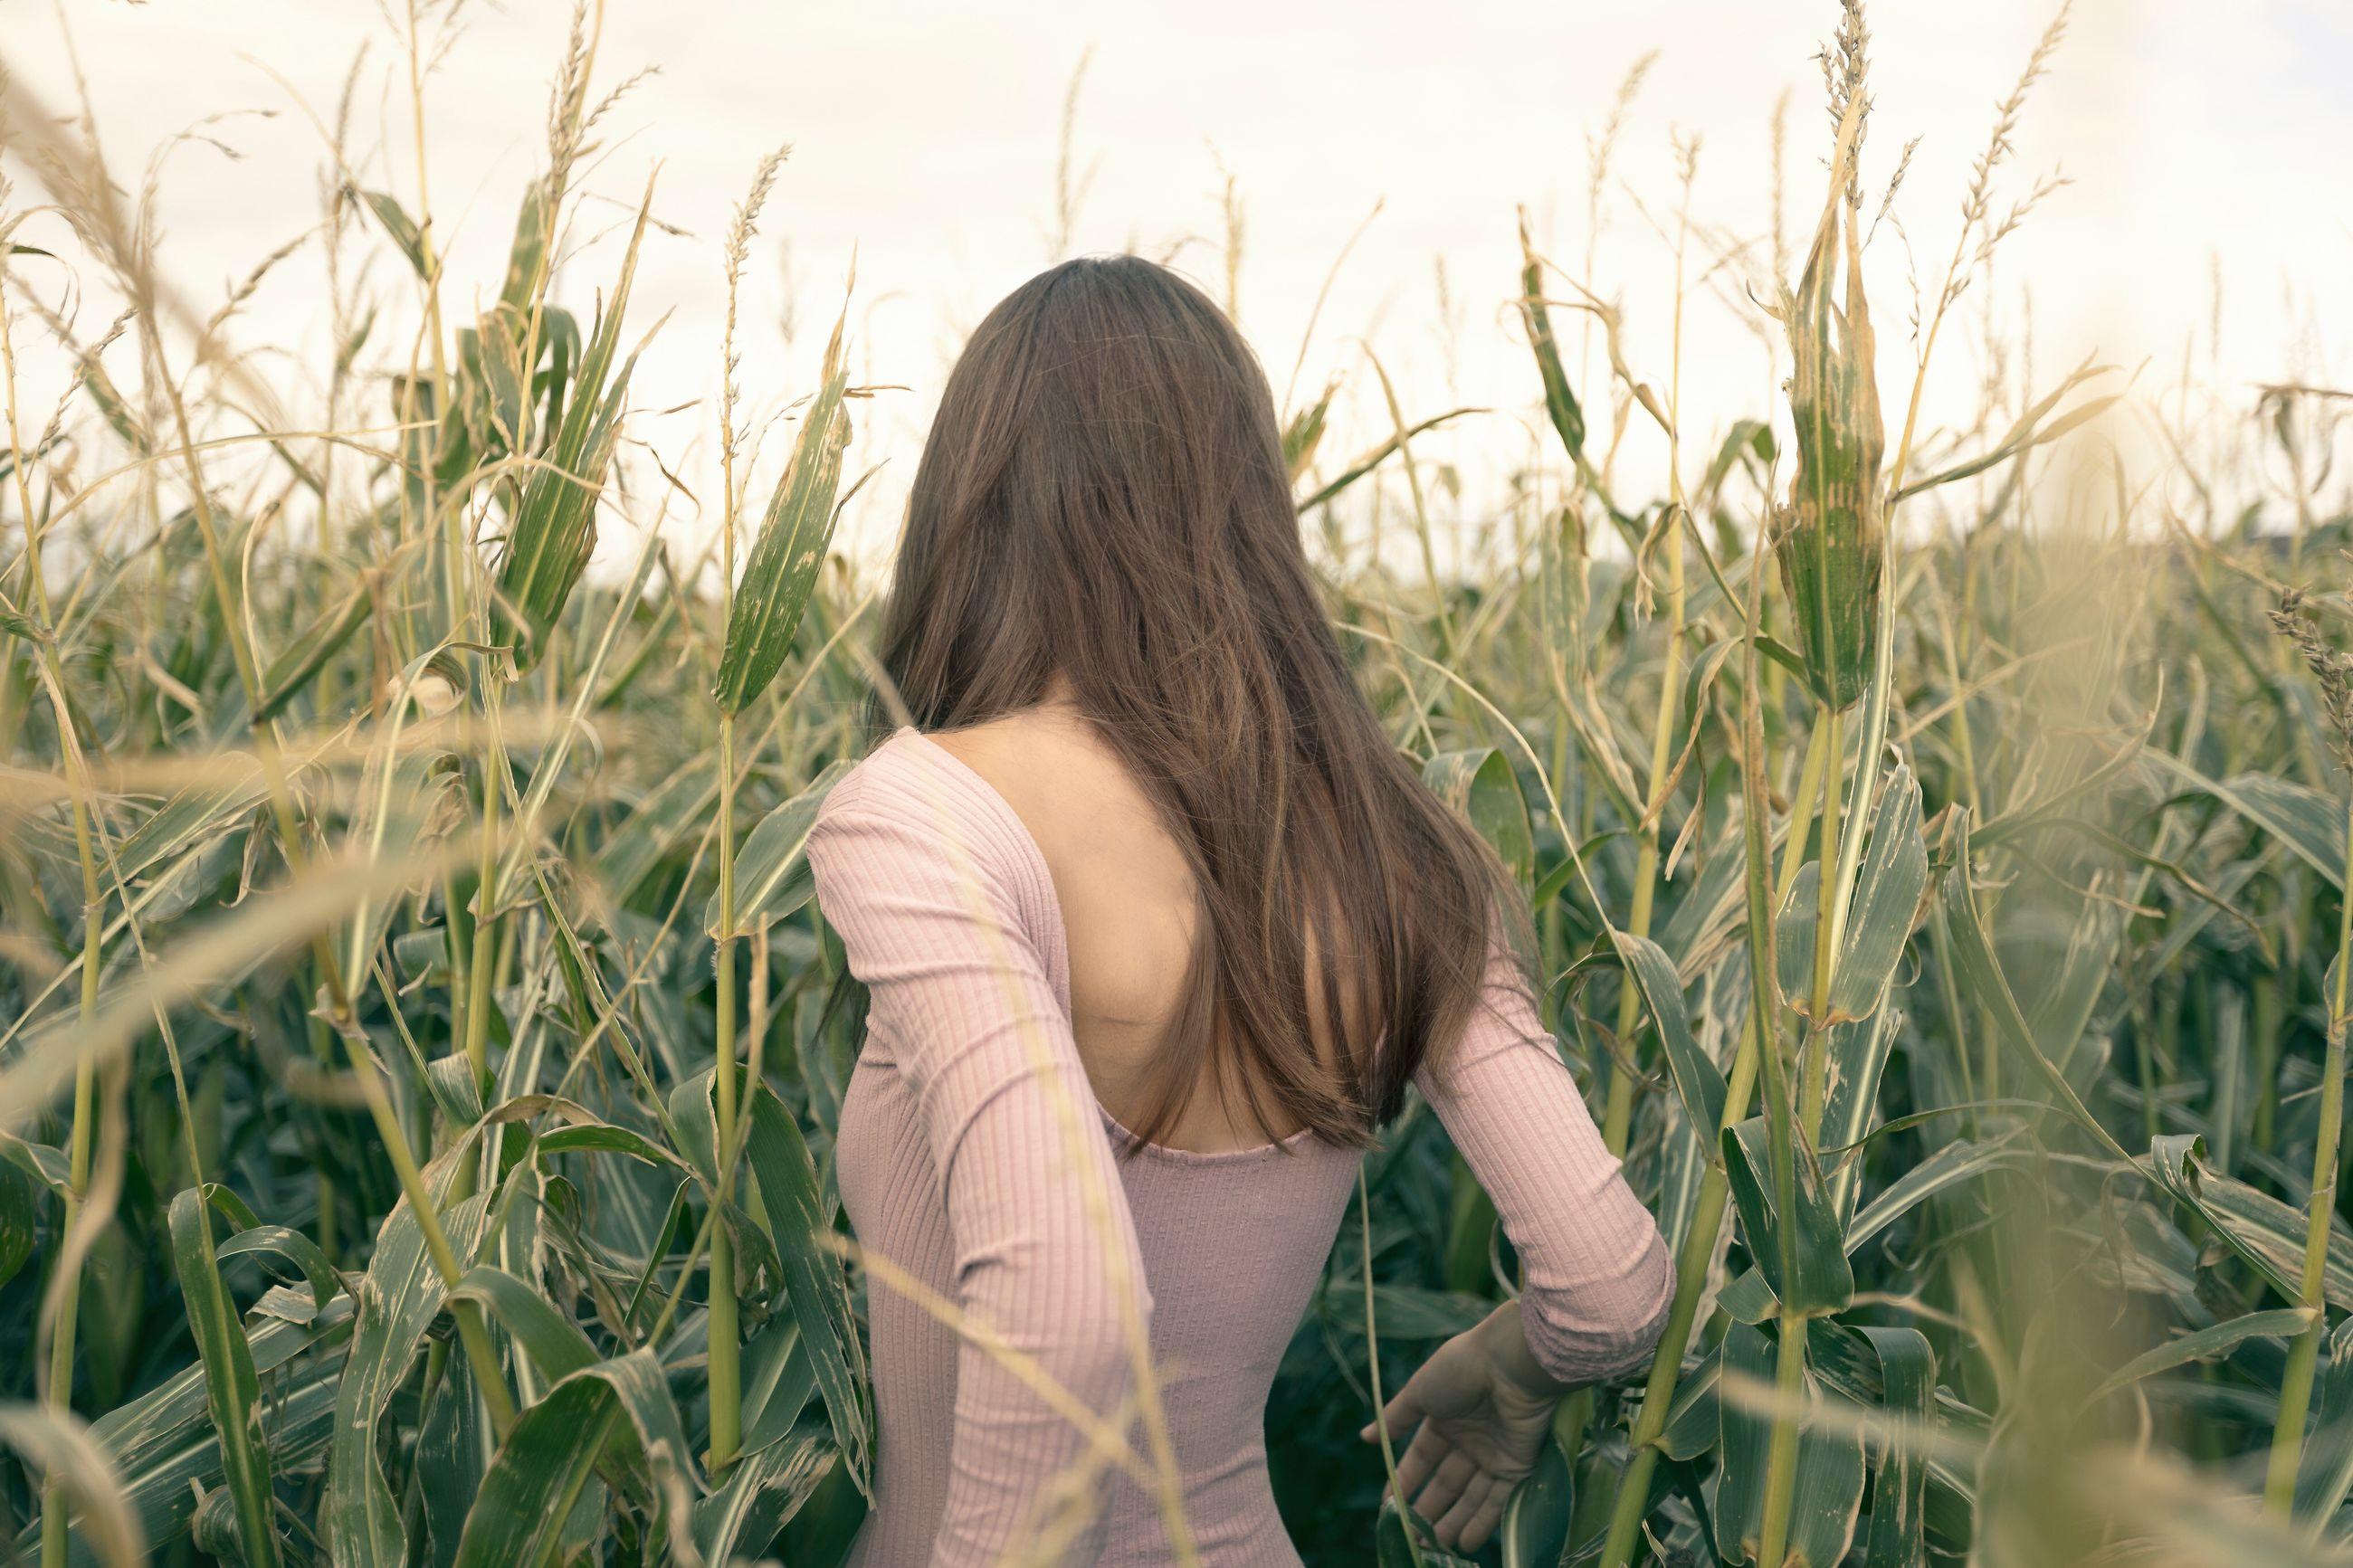 Rear view of woman walking amidst plants on field